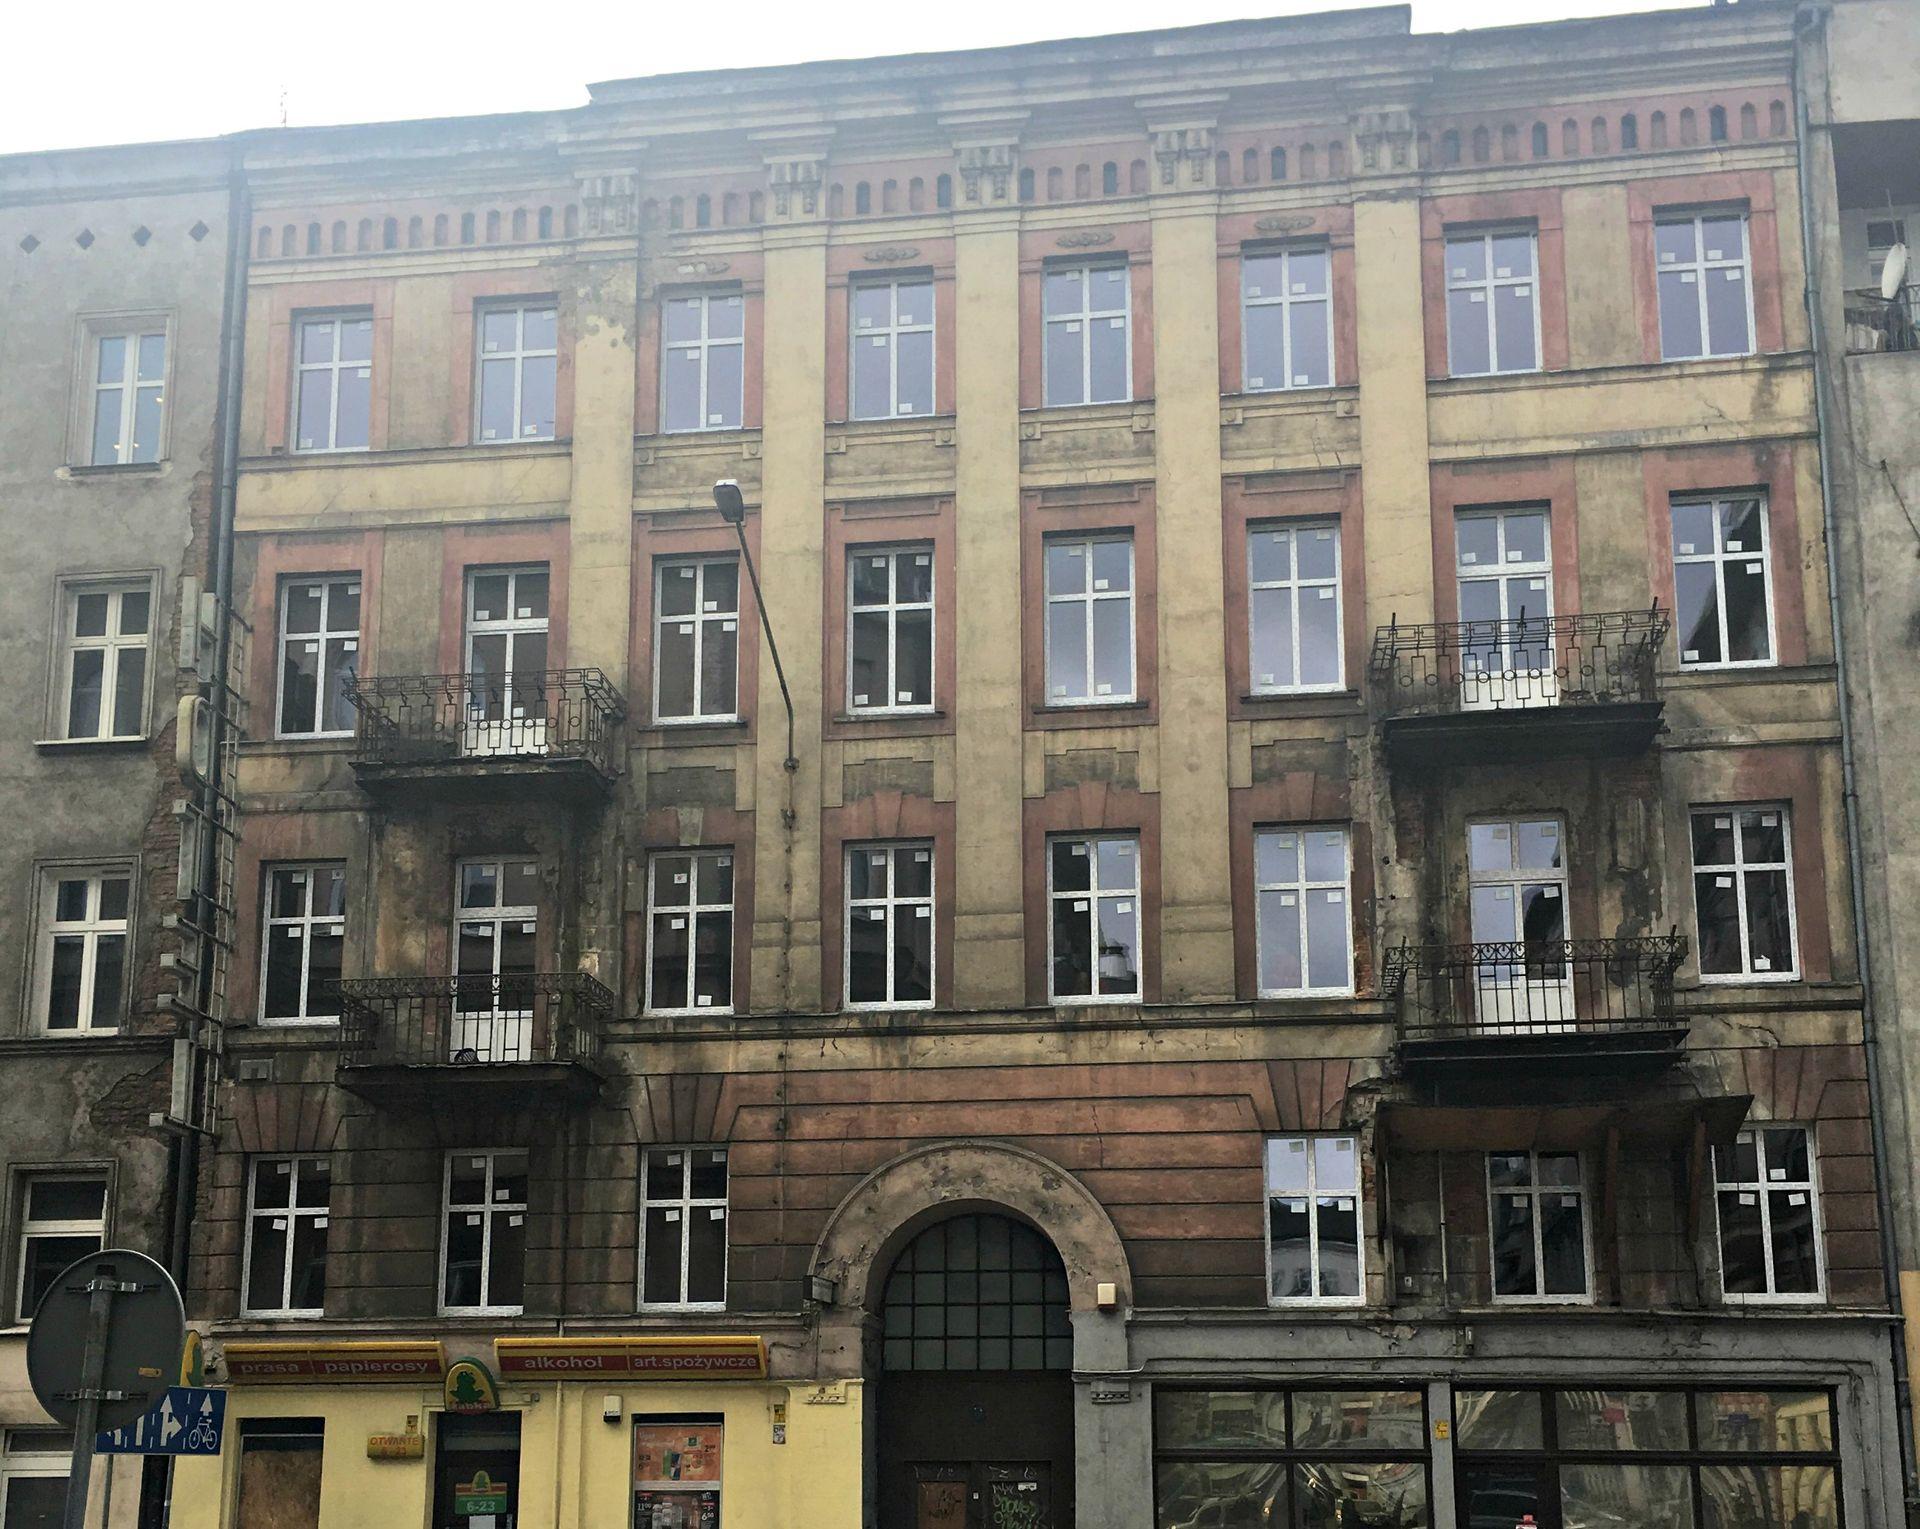 [Wrocław] Kolejny zabytkowy hotel odzyska blask. Wyremontują kamienicę przy Stawowej